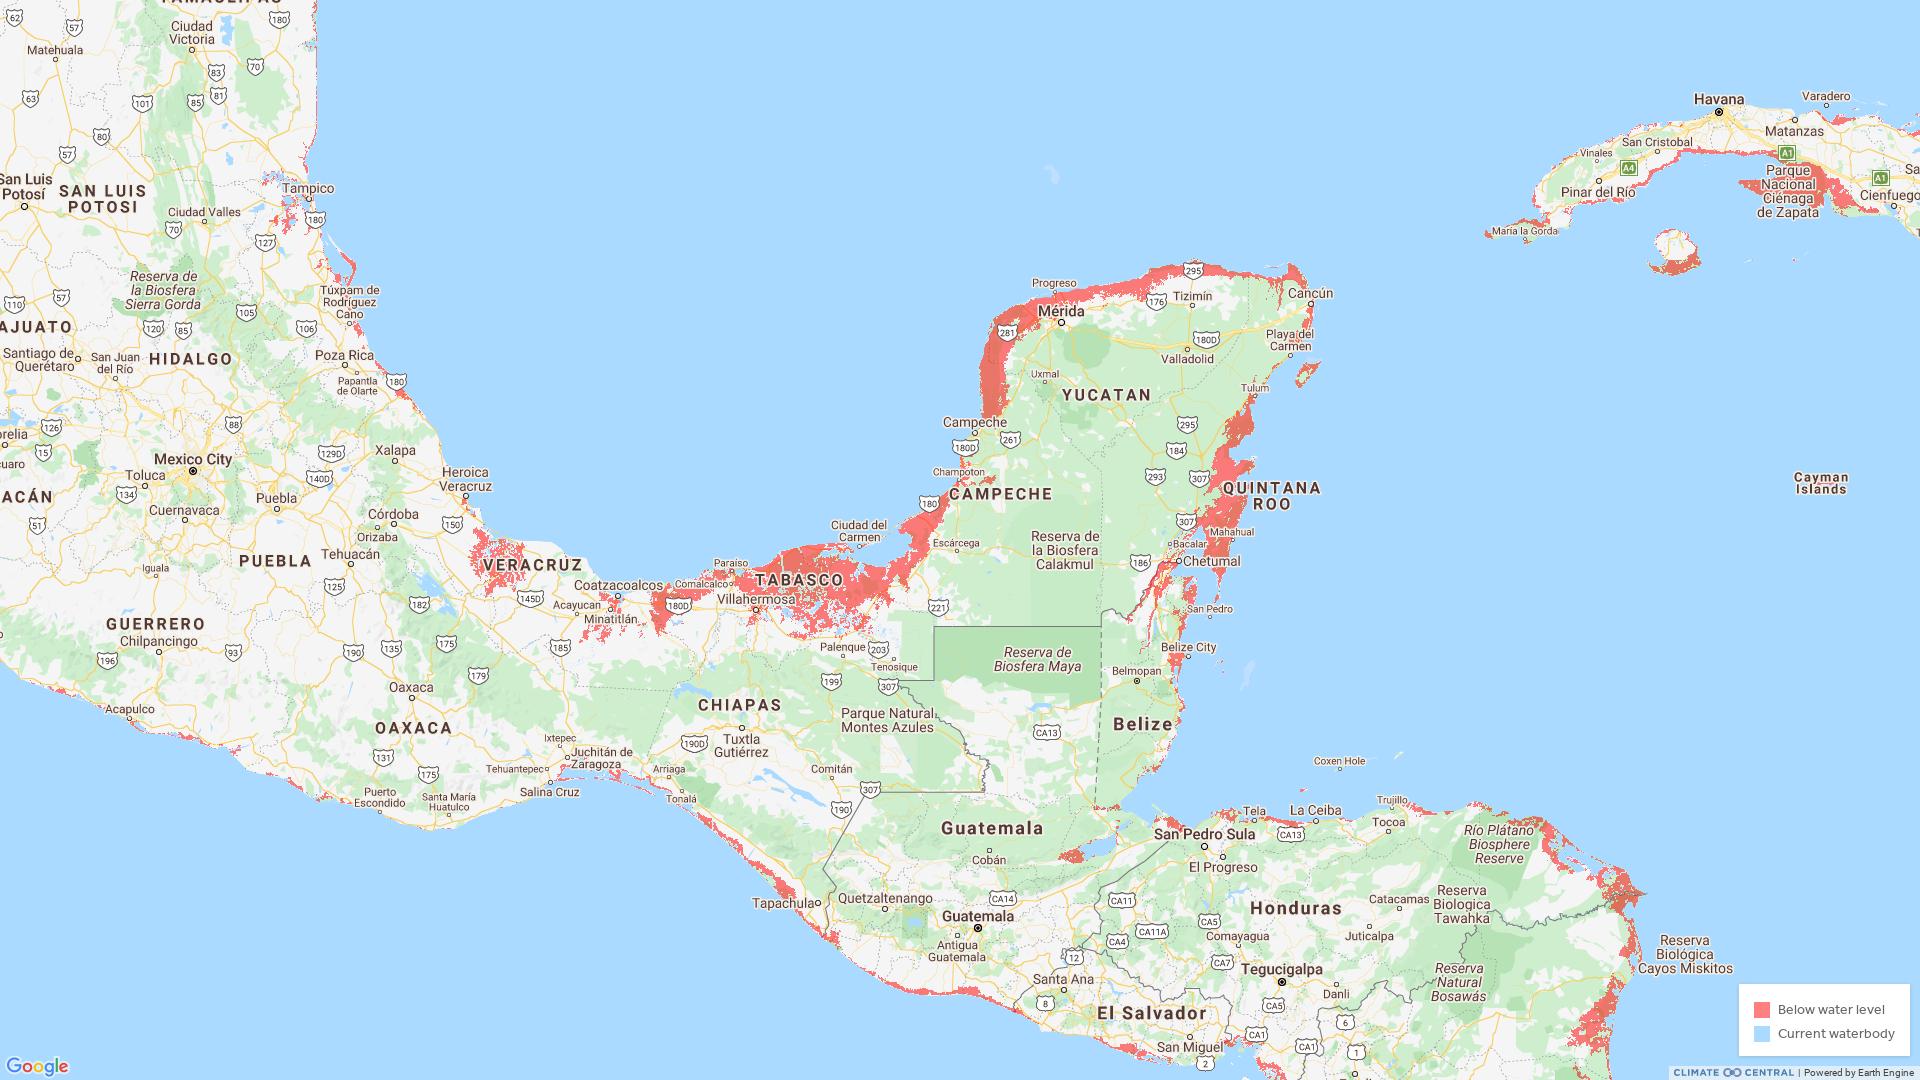 Zonas de México más afectadas por escenarios de marea alta - Mapa por Climate Central